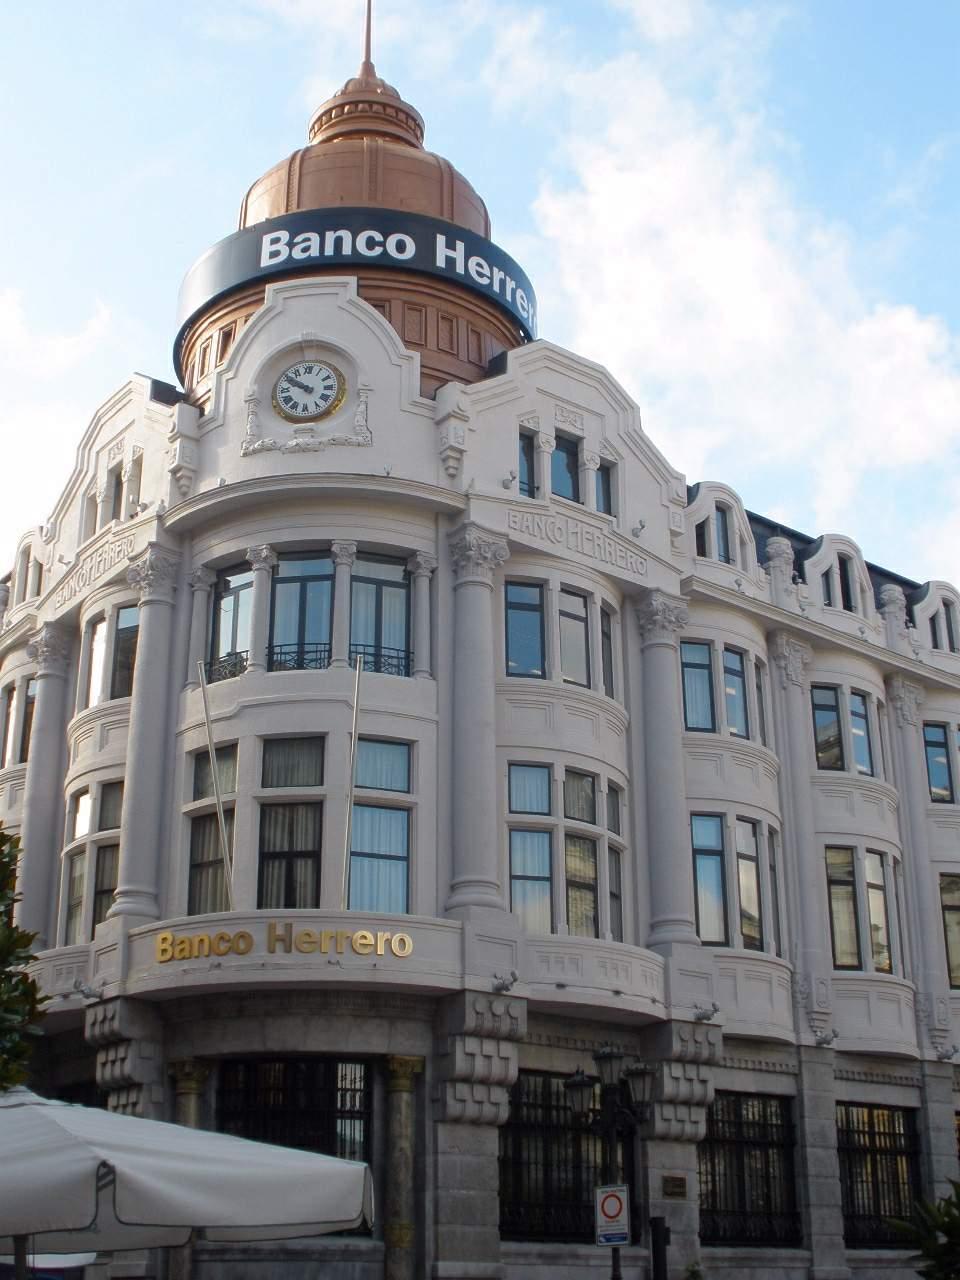 Banco herrero wikipedia la enciclopedia libre for Oficinas banco sabadell oviedo